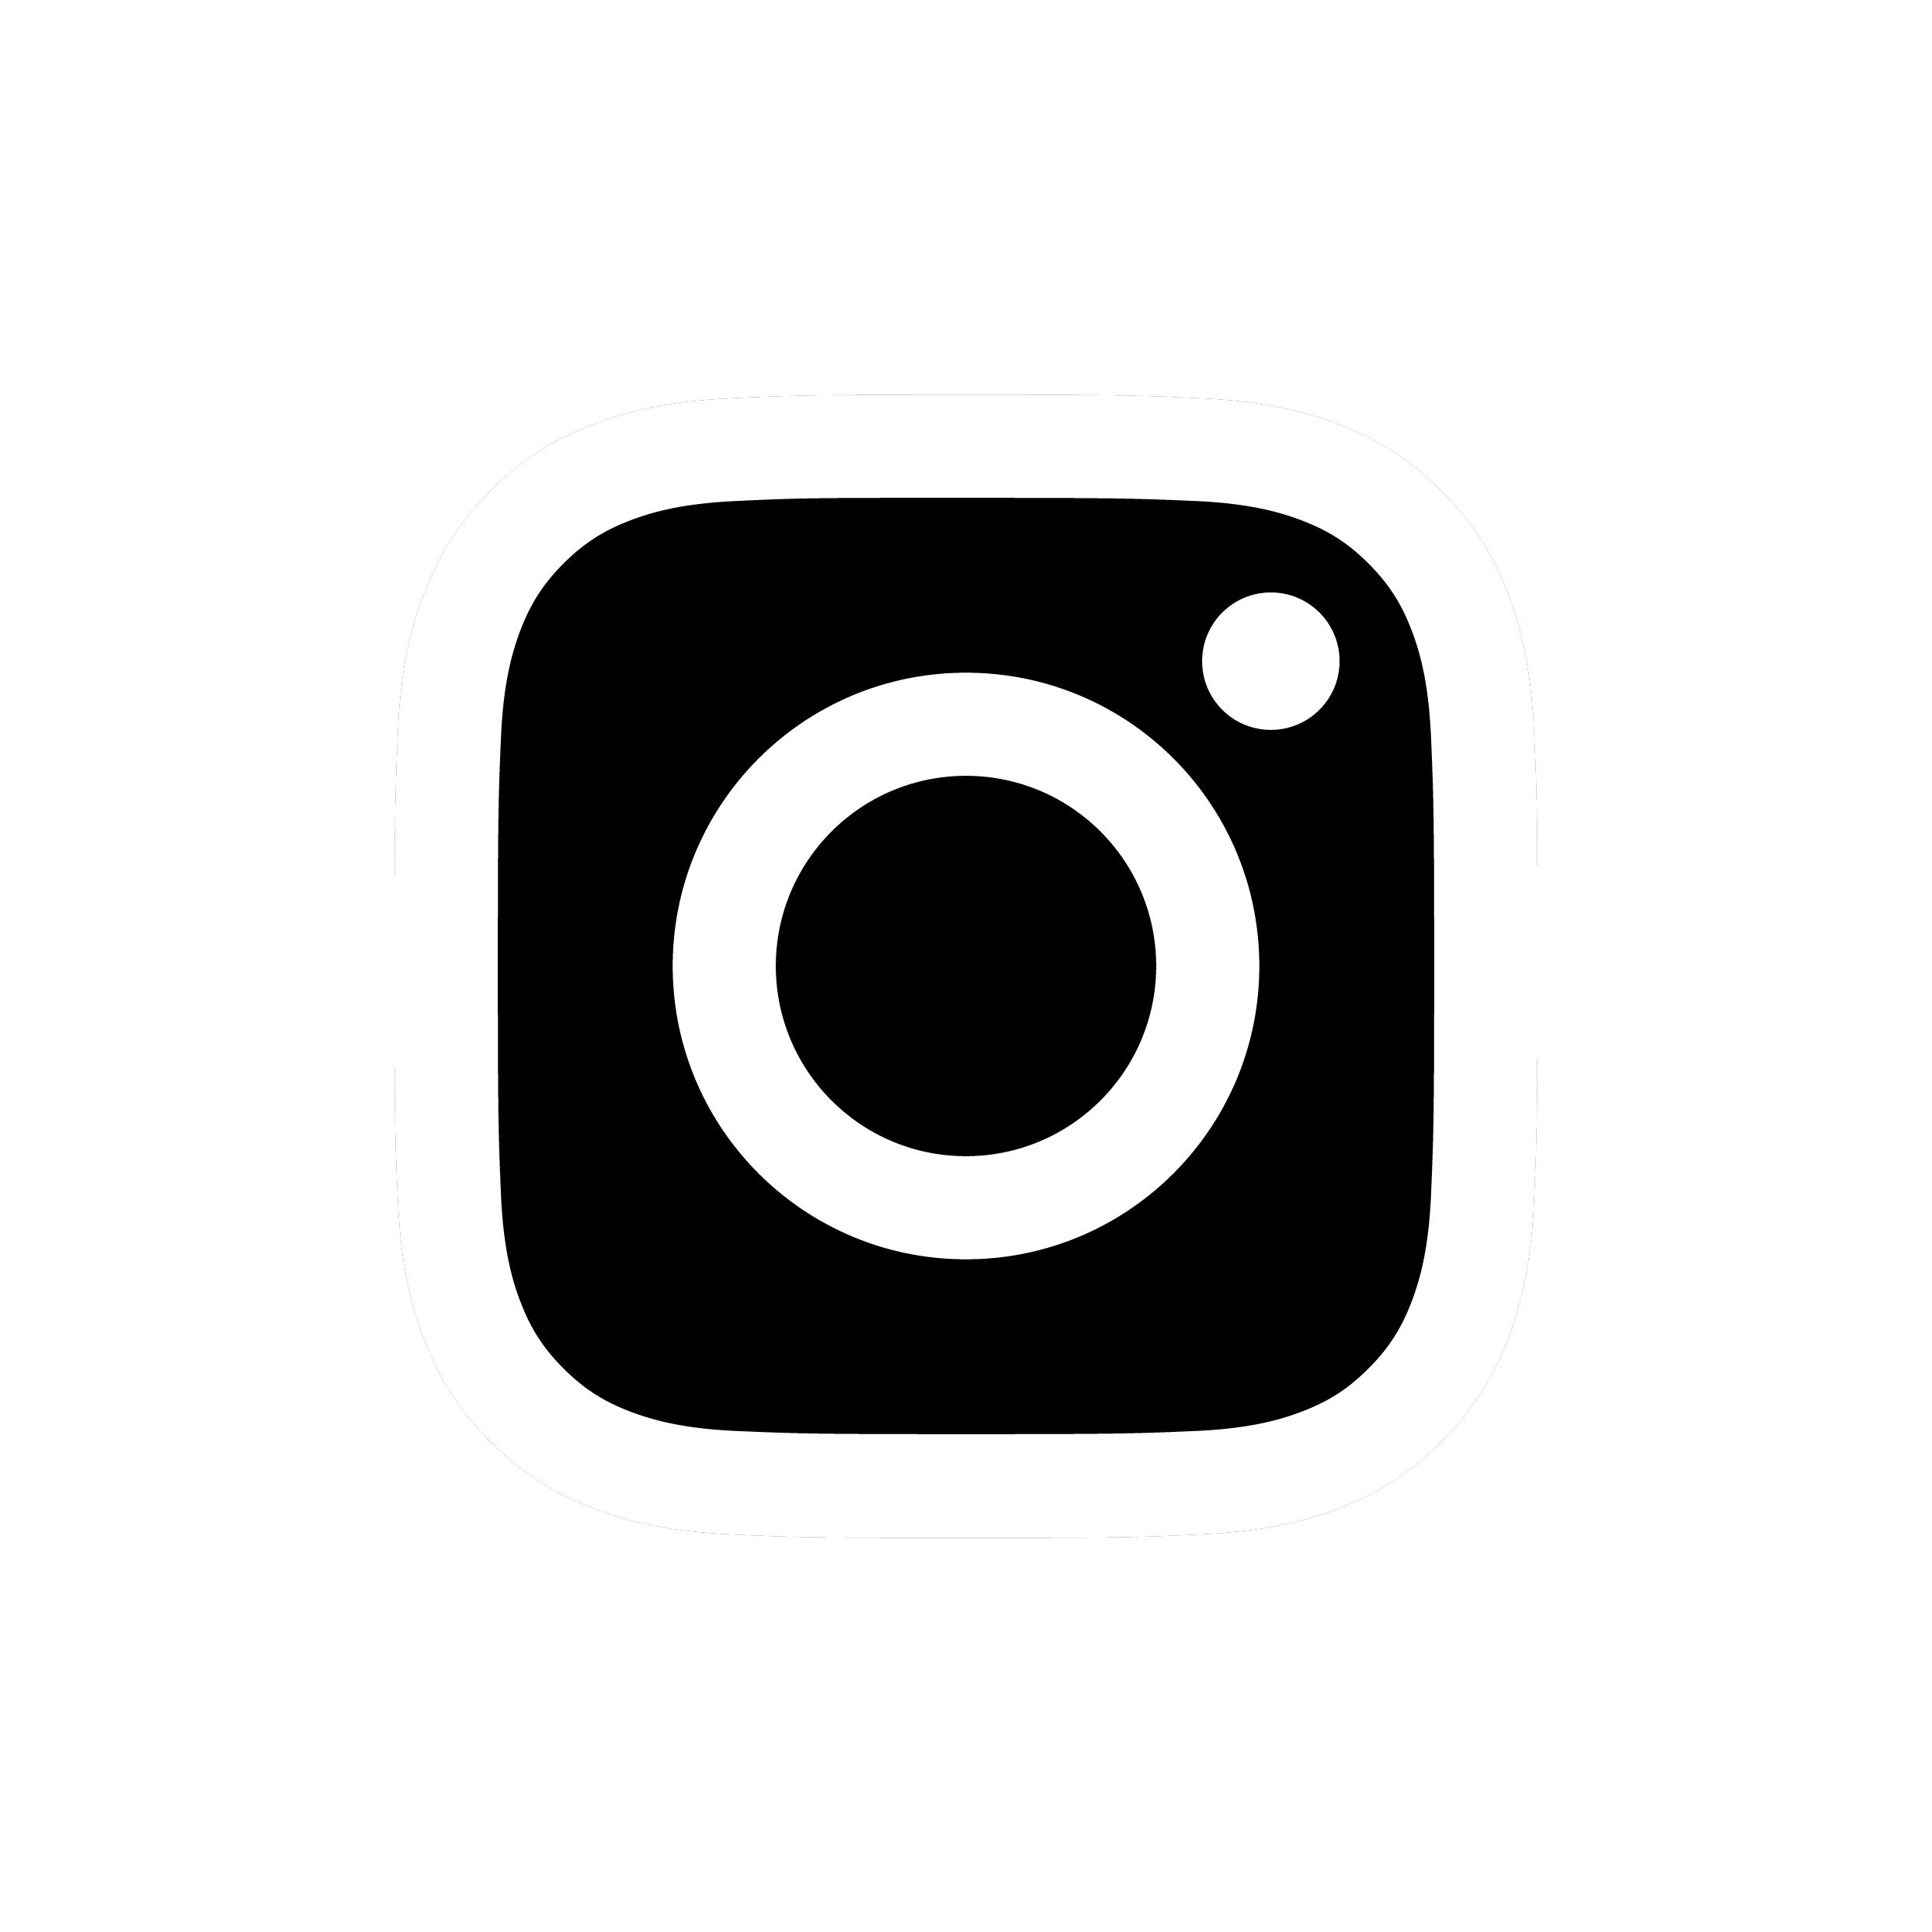 未来電子テクノロジー・instagram(インスタグラム)